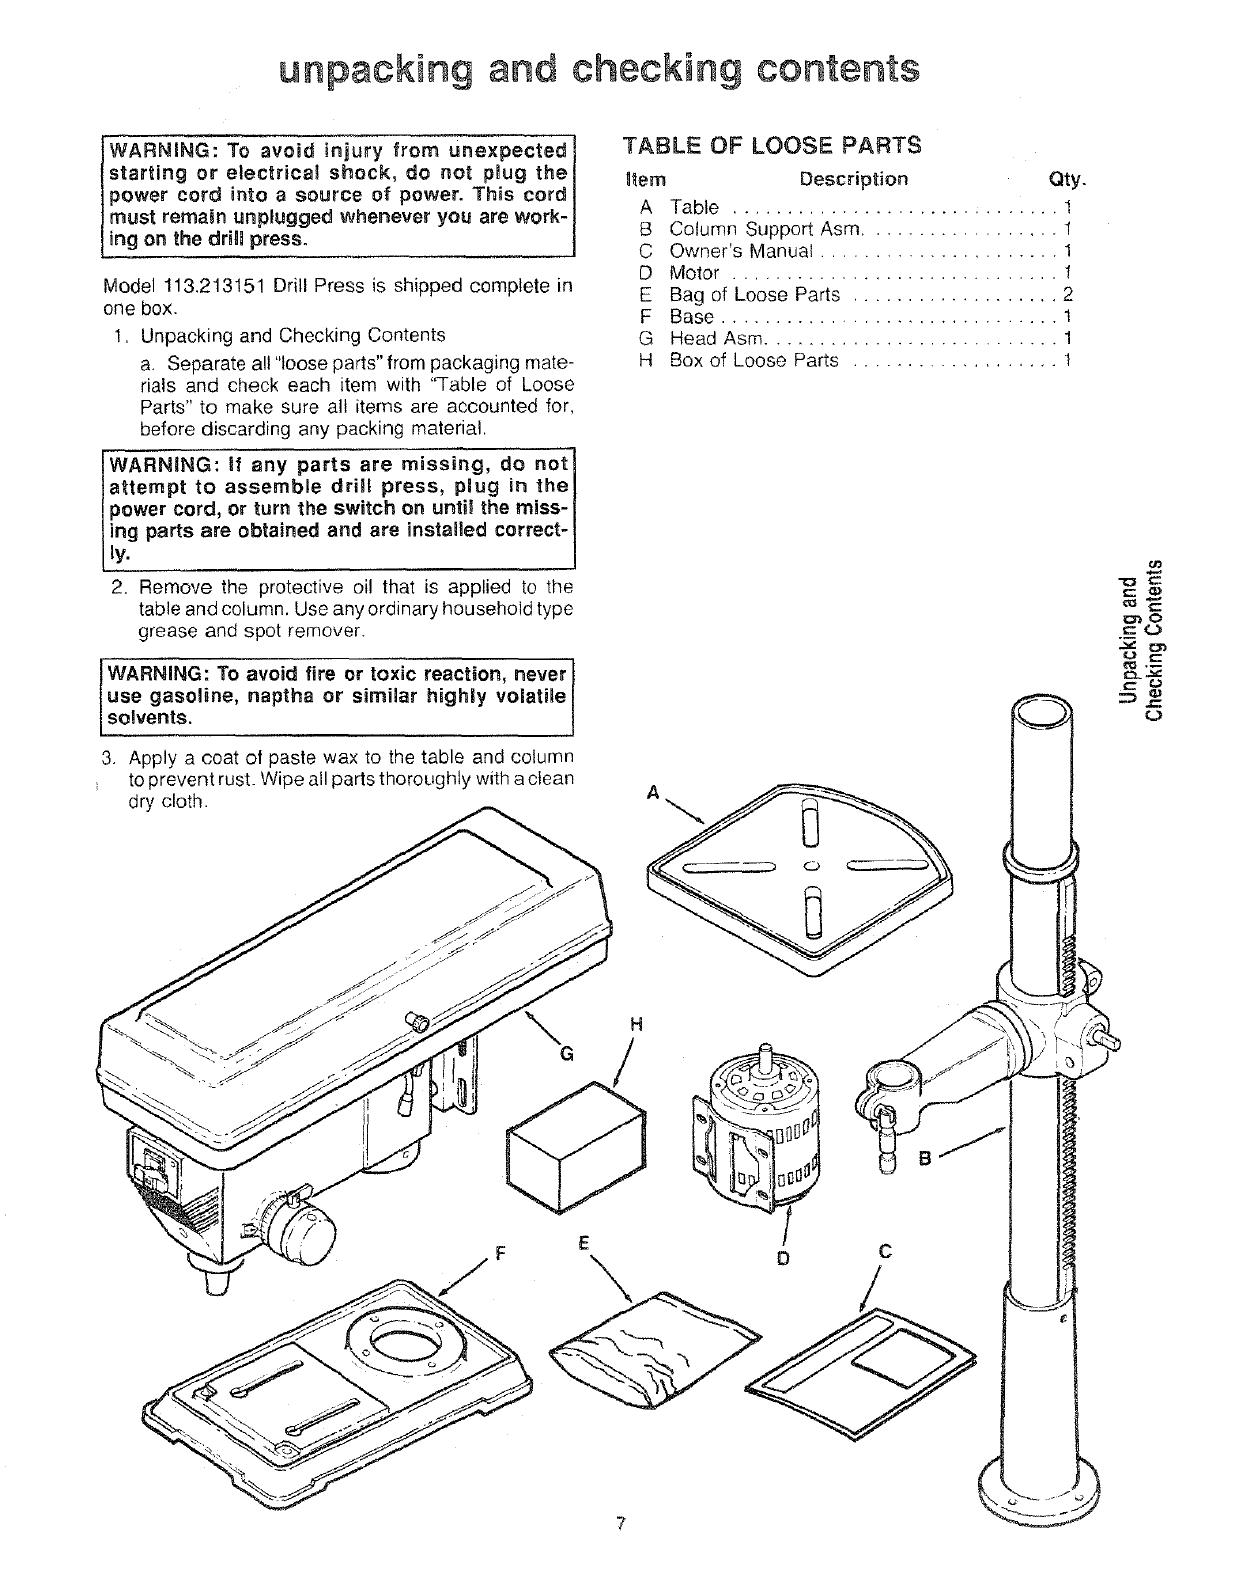 Craftsman 113213151 User Manual 15 FLOOR DRILL PRESS